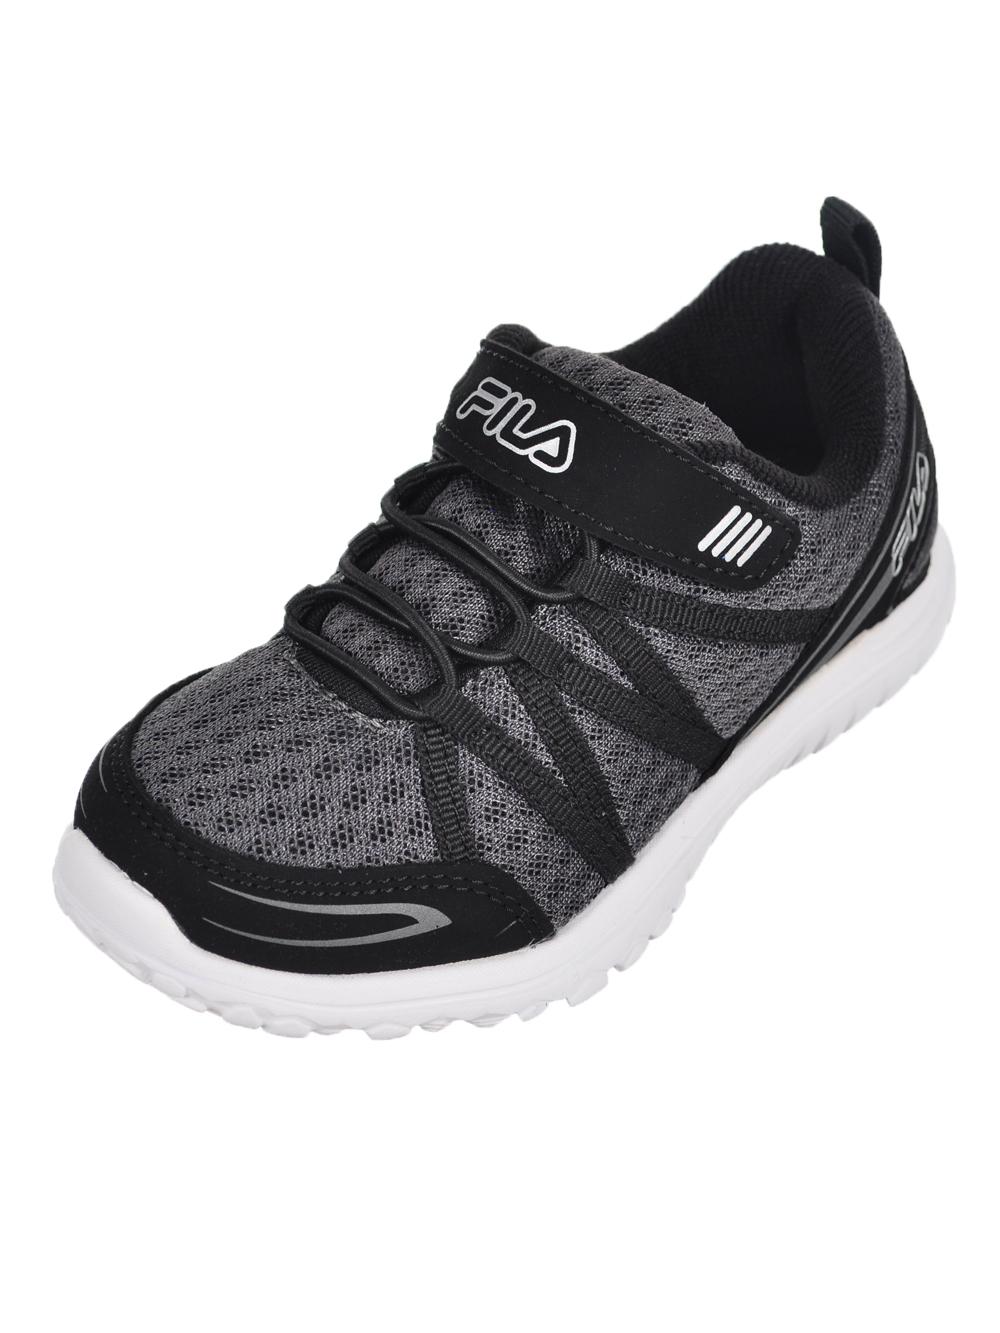 fila shoes boys 5t snowsuits